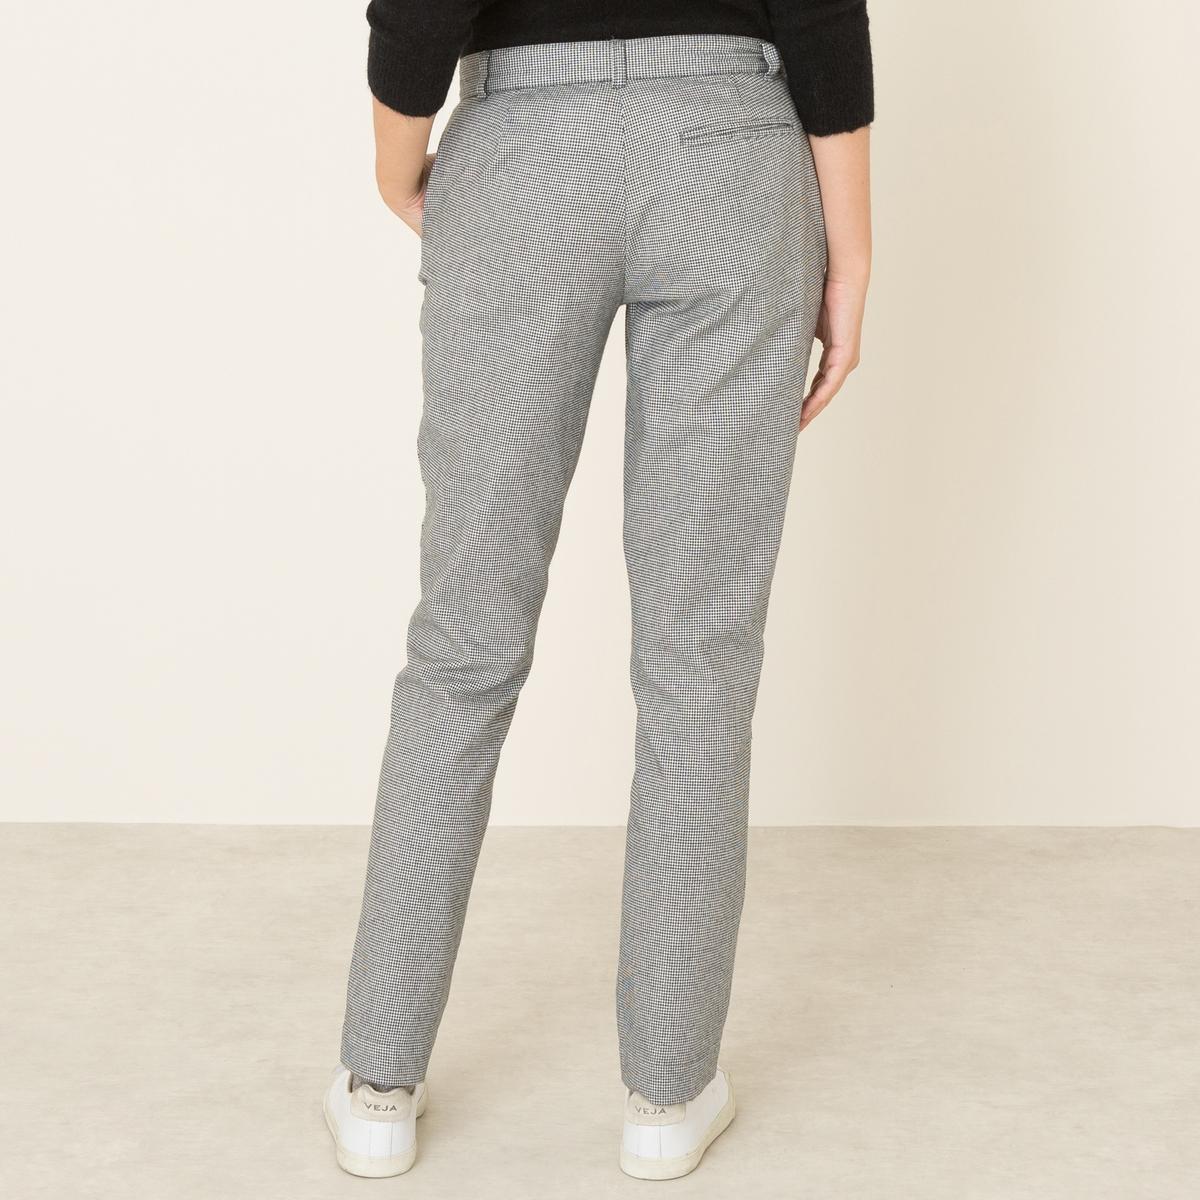 Брюки VIRTYLLEБрюки HARRIS WILSON - модель VIRTYLLE. Прямые брюки из ткани с растительными волокнами в мелкую клетку. Пояс со шлевками. Застежка на молнию и пуговицу. 2 косых кармана. Состав и описание Материал : 100% хлопокМарка : HARRIS WILSON<br><br>Цвет: черный/ белый